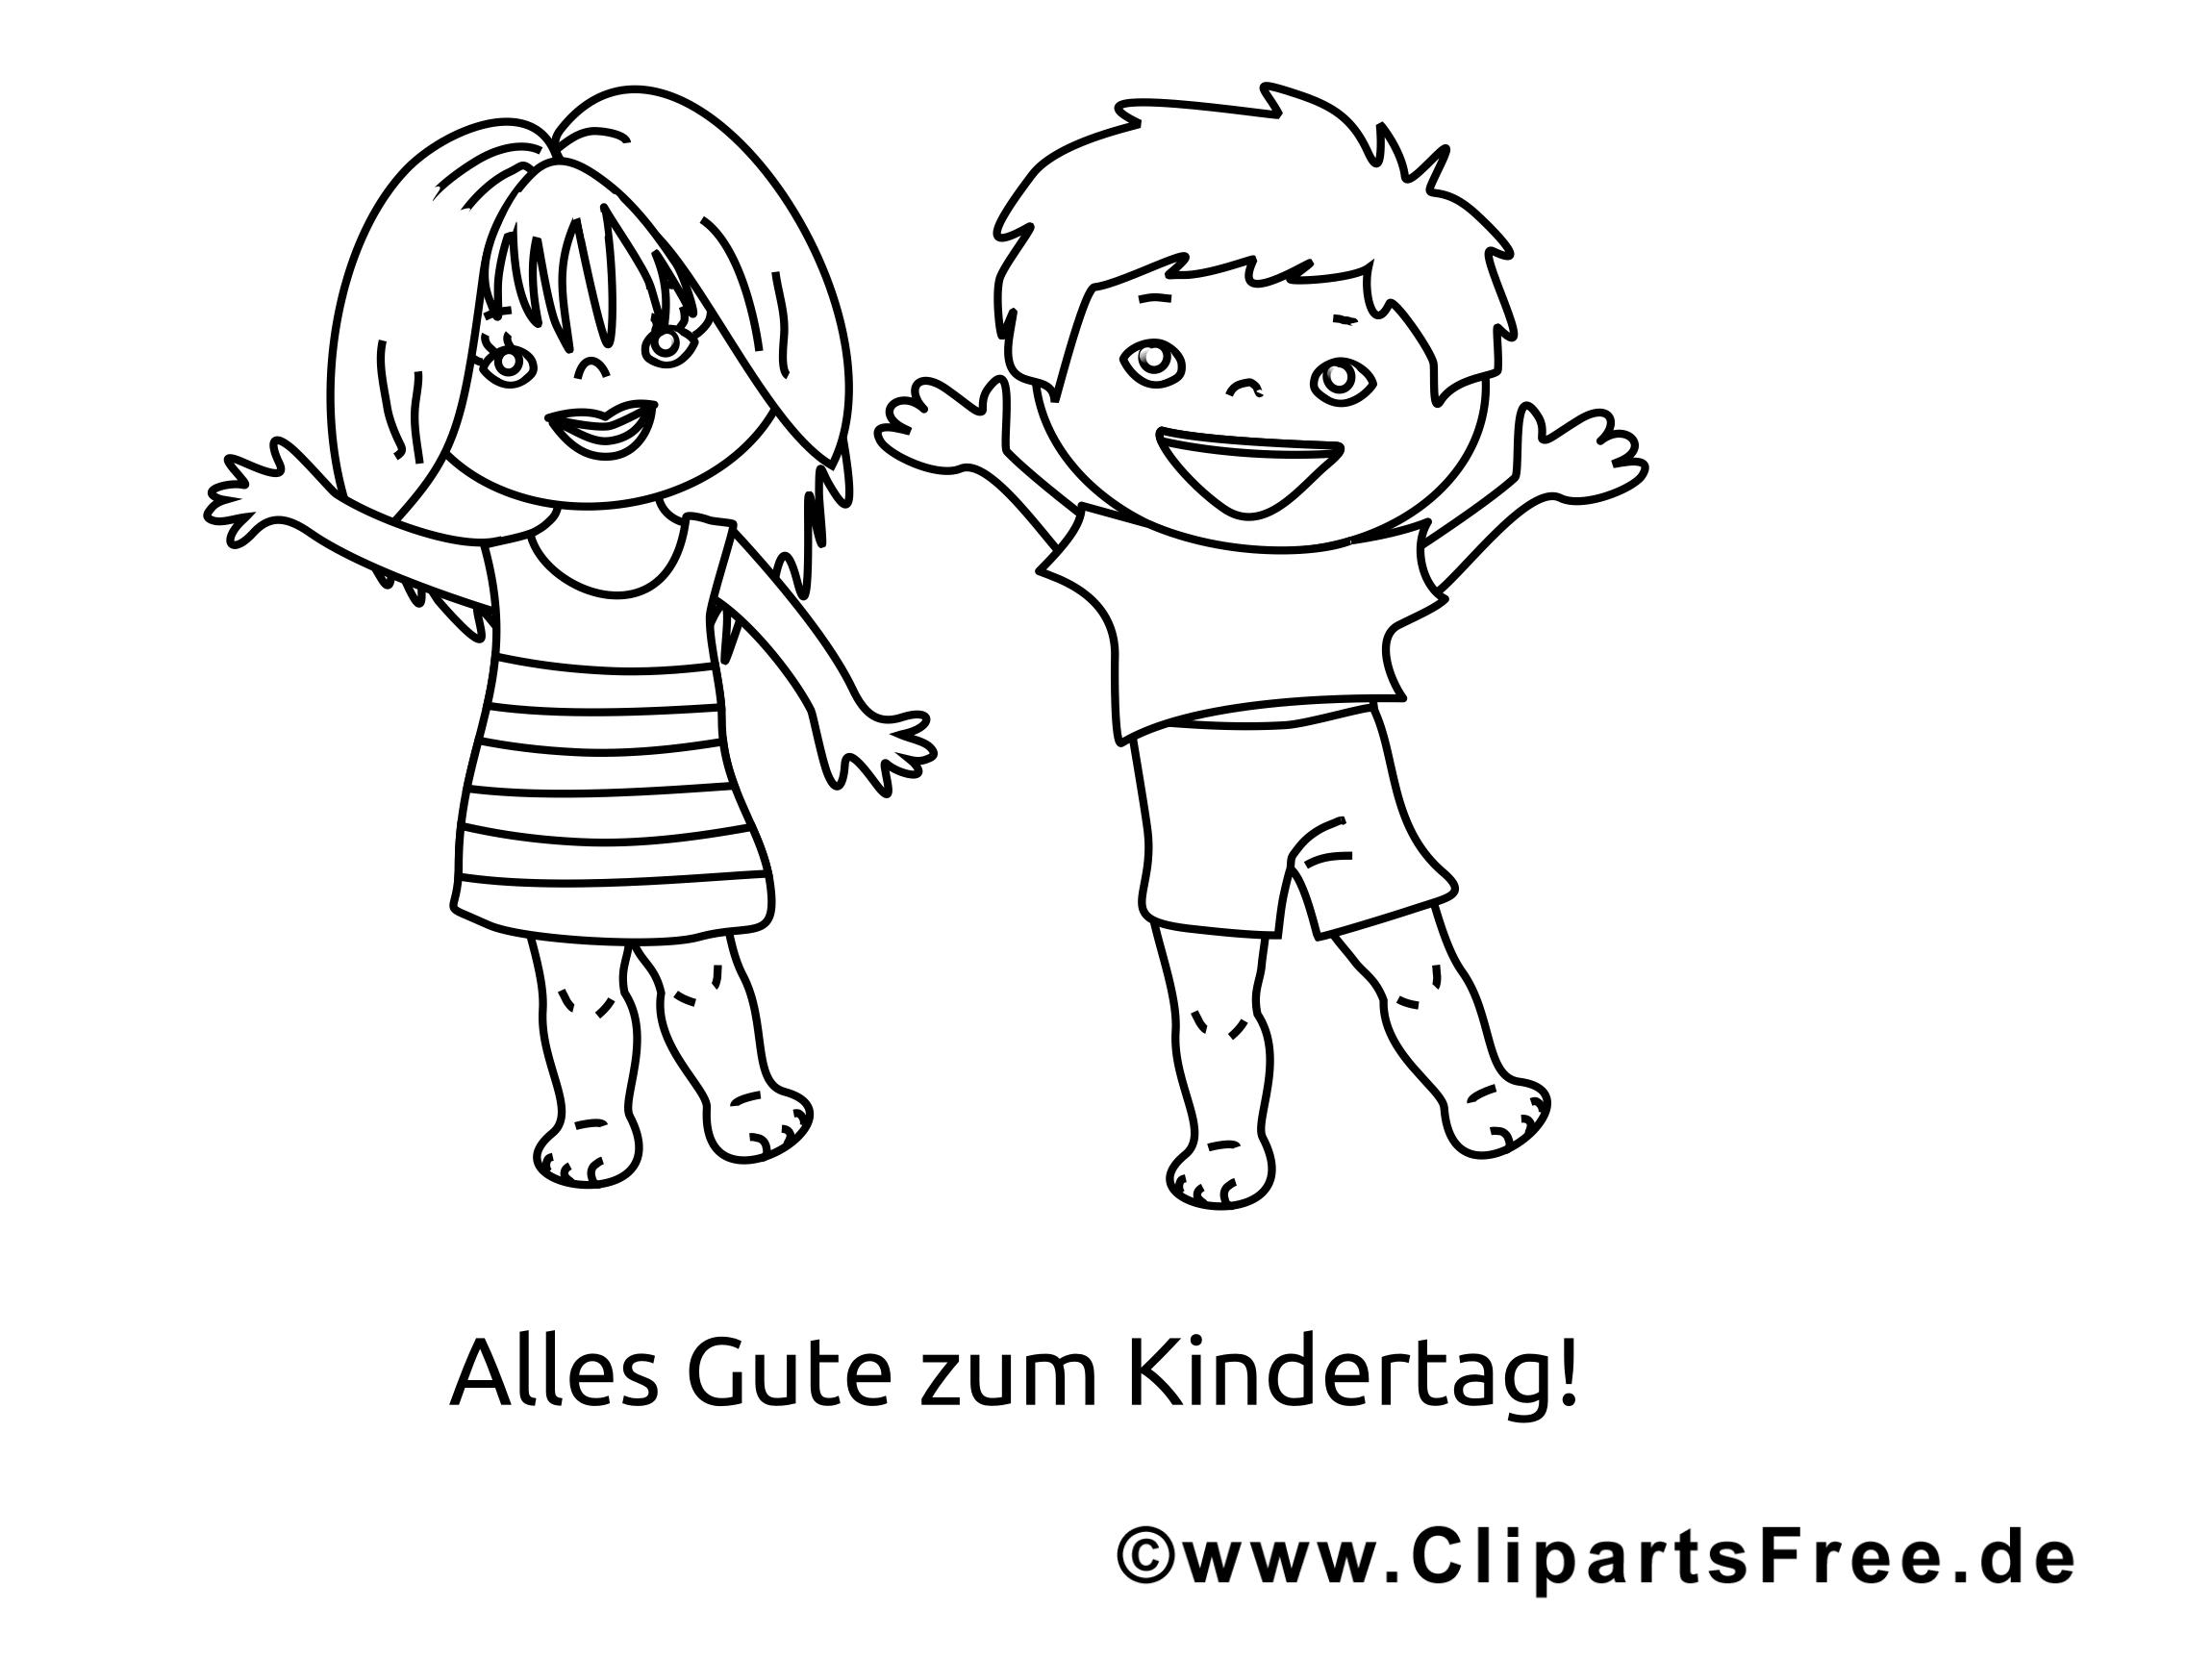 Lustige Bilder mit Kindern zum Ausmalen CTR Pinterest